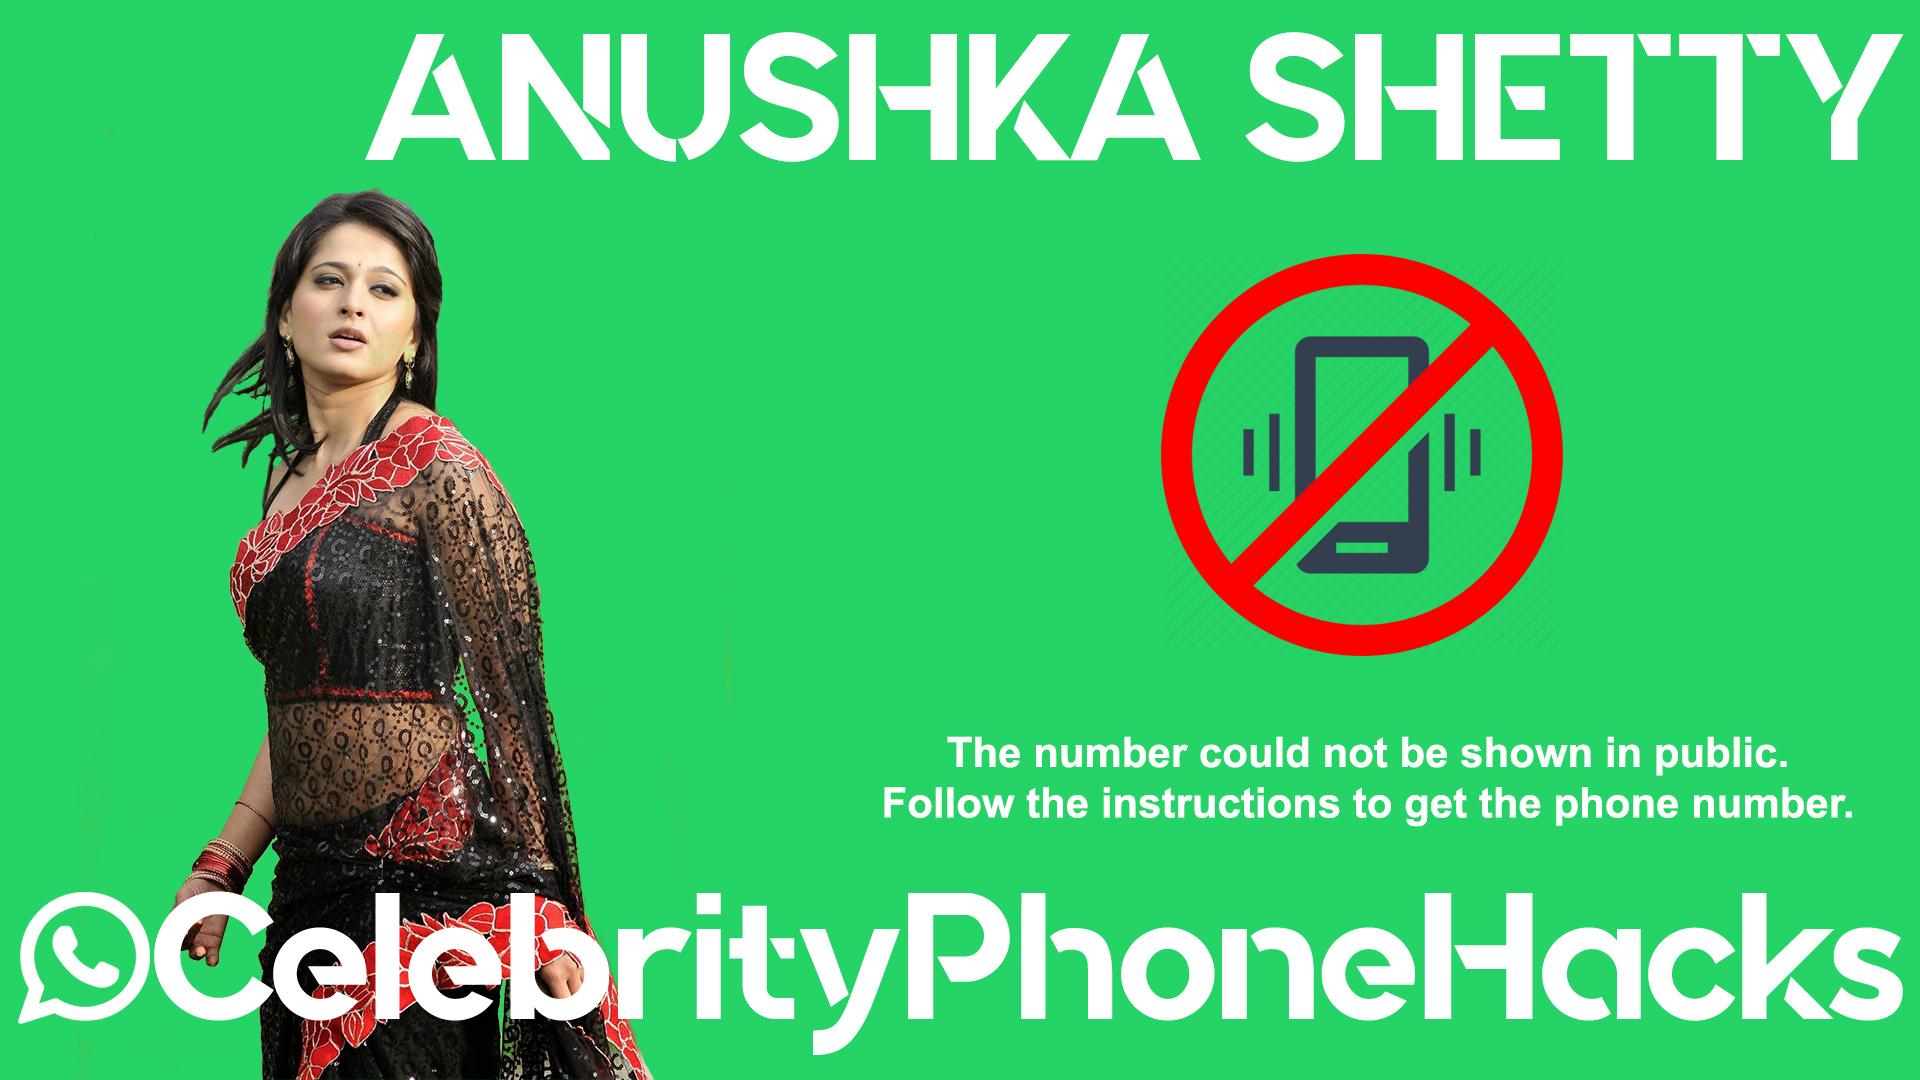 Anushka Shetty real phone number 2019 whatsapp hacked leaked